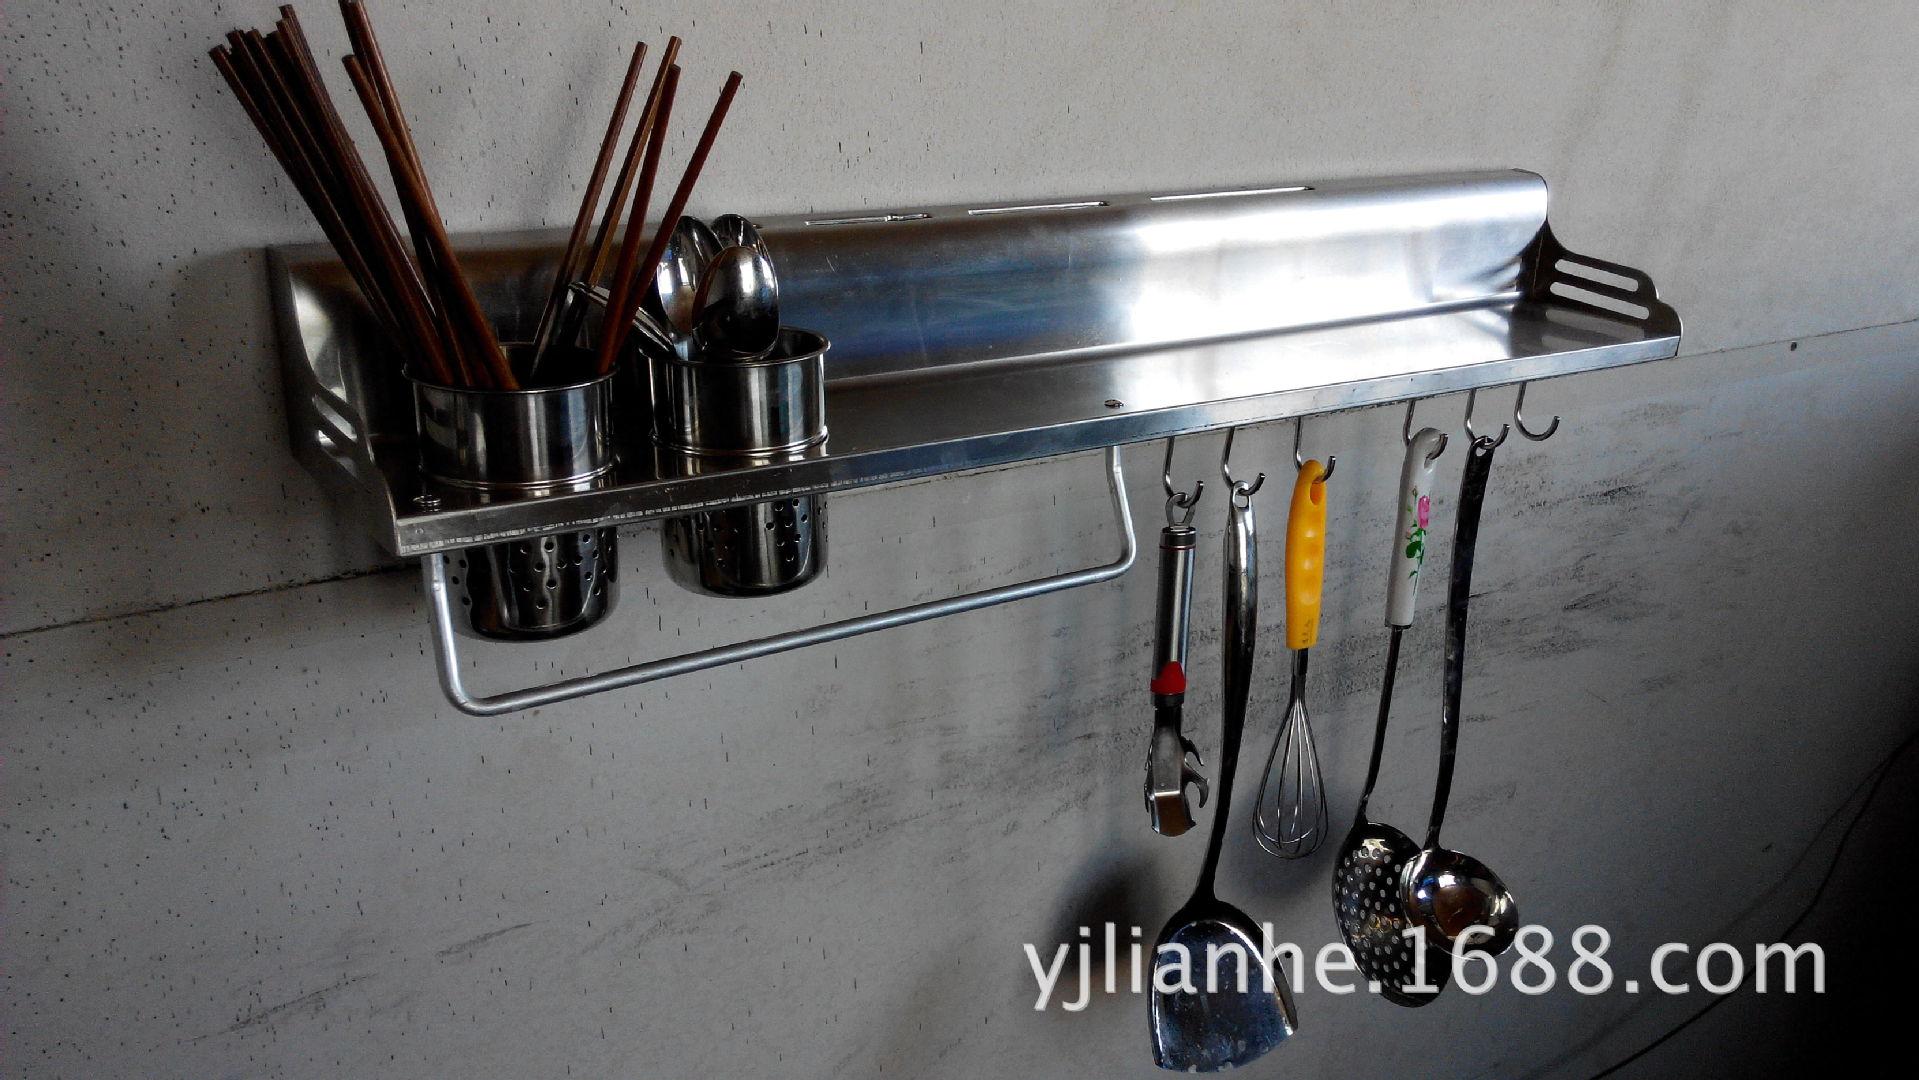 厨房储物架 不锈钢厨房储物架 供应高档不锈钢厨房储物架 阿里巴巴